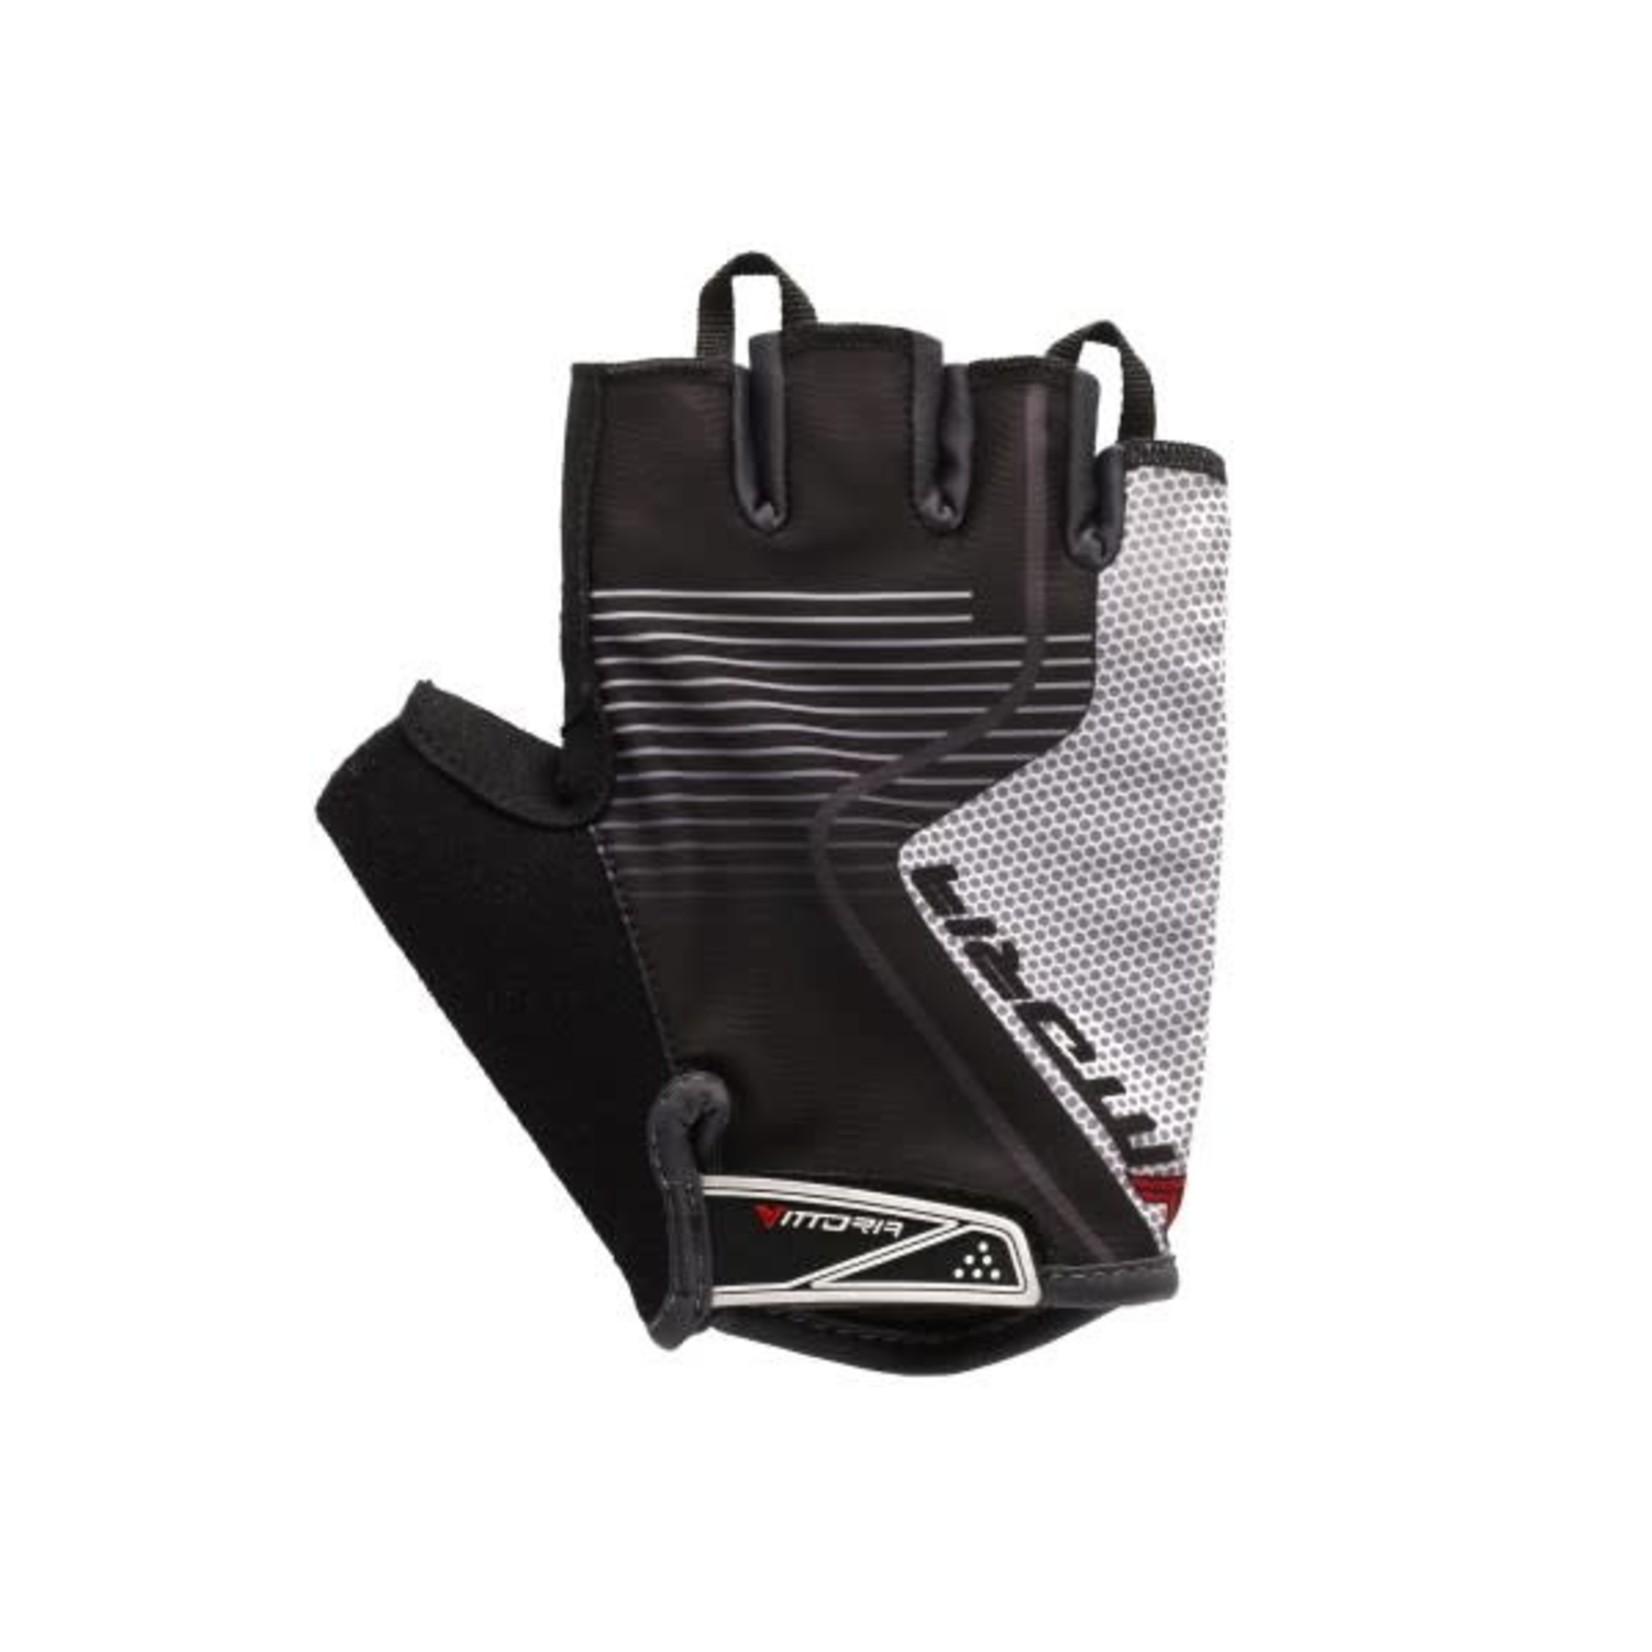 Vittoria Sprint Gloves